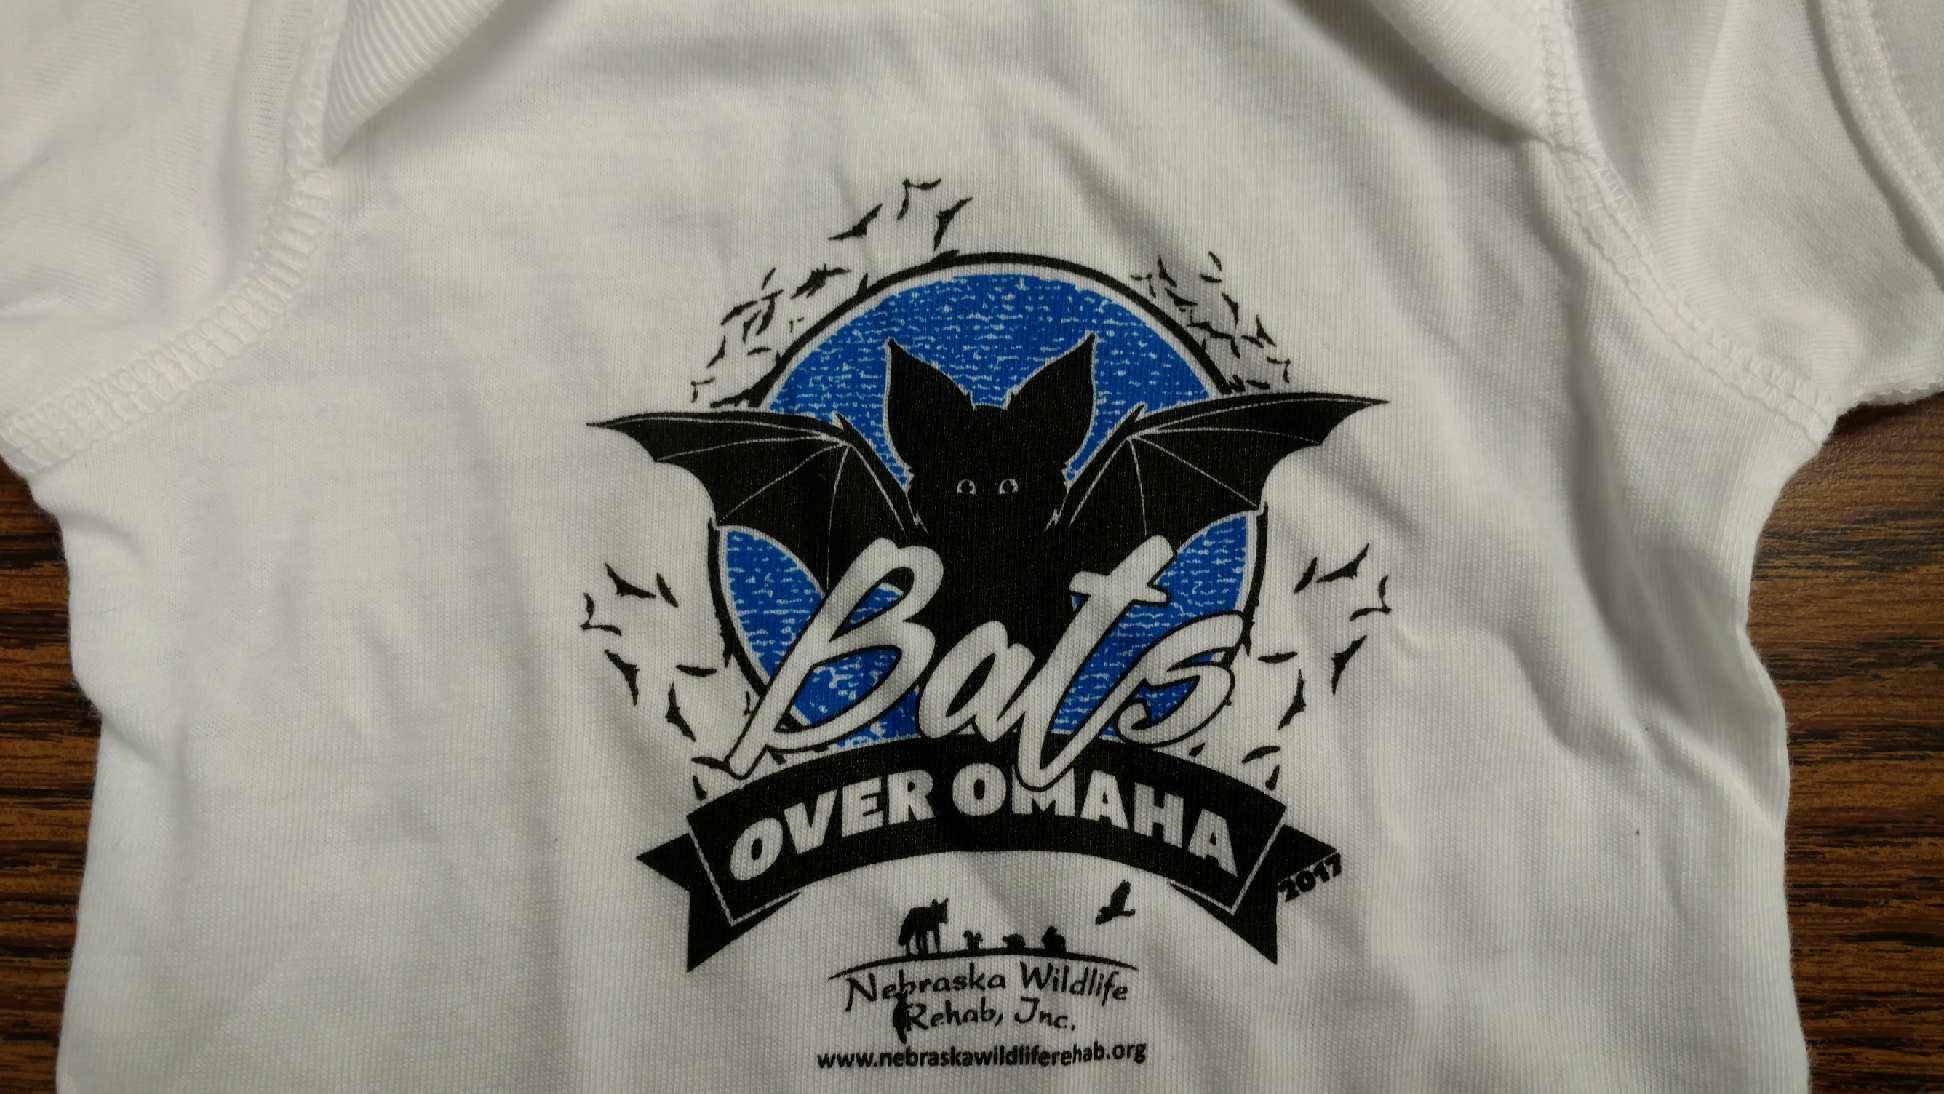 Bats Over Omaha Bat Release Onesie - 2017: 12 mo. Size